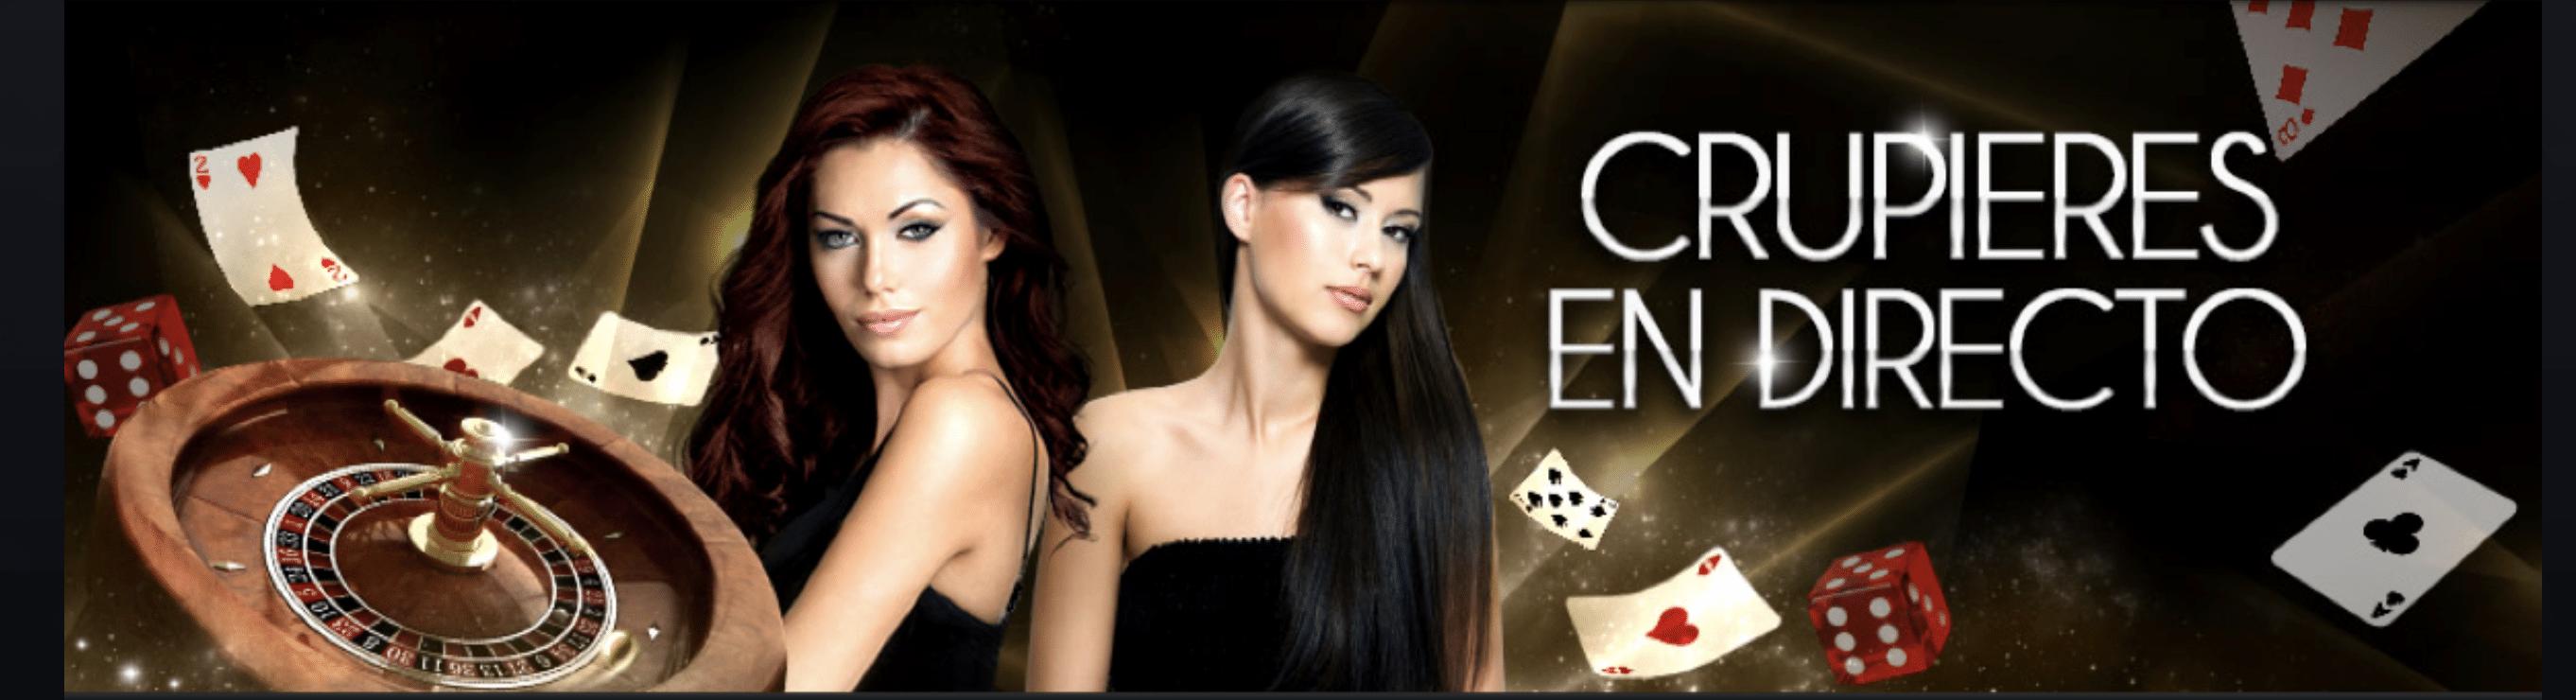 Busco club de futbol para jugar casino que aceptan Tarjetas de Crédito-94530